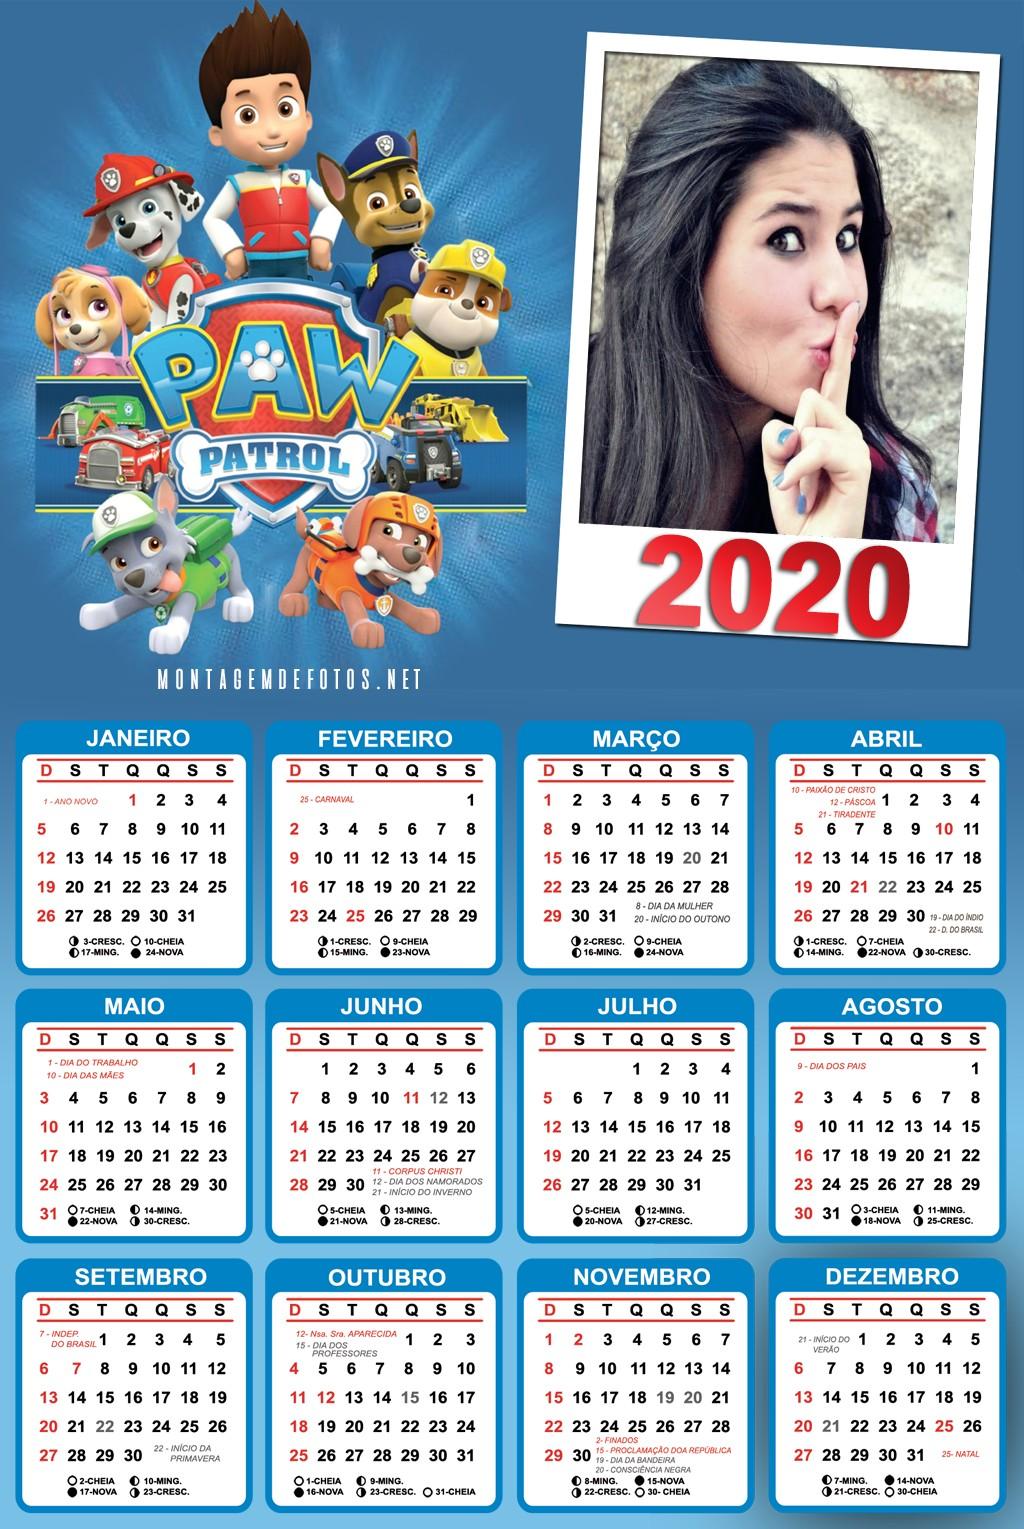 calendario-fotomontagem-2020-patrulha-canina